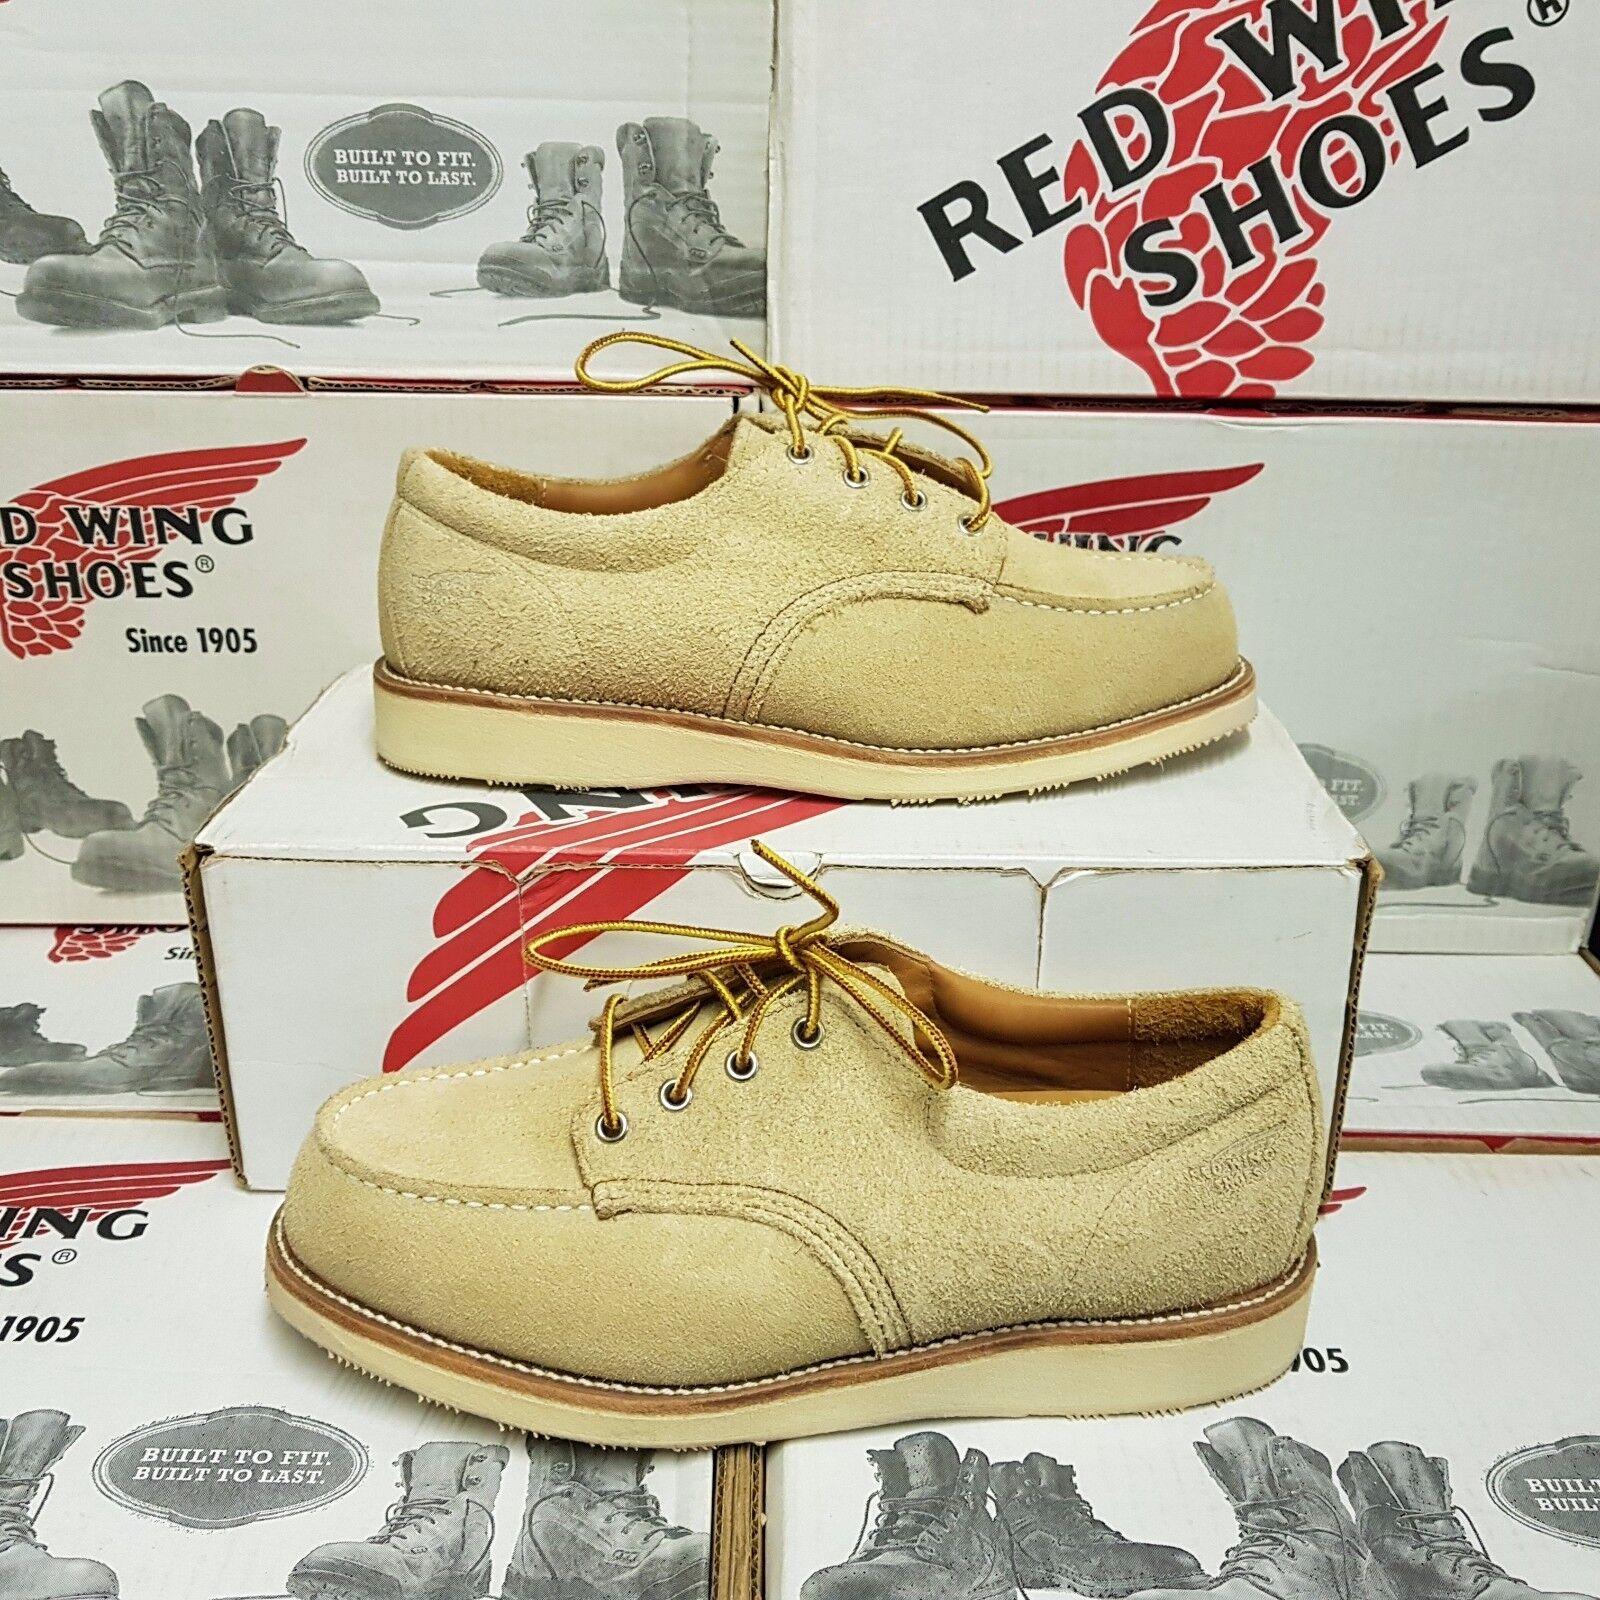 ROSSO  WING scarpe 3115 calzature da uomo Regno Unito 6 US 7 EUR 39 (pv )  negozio a basso costo